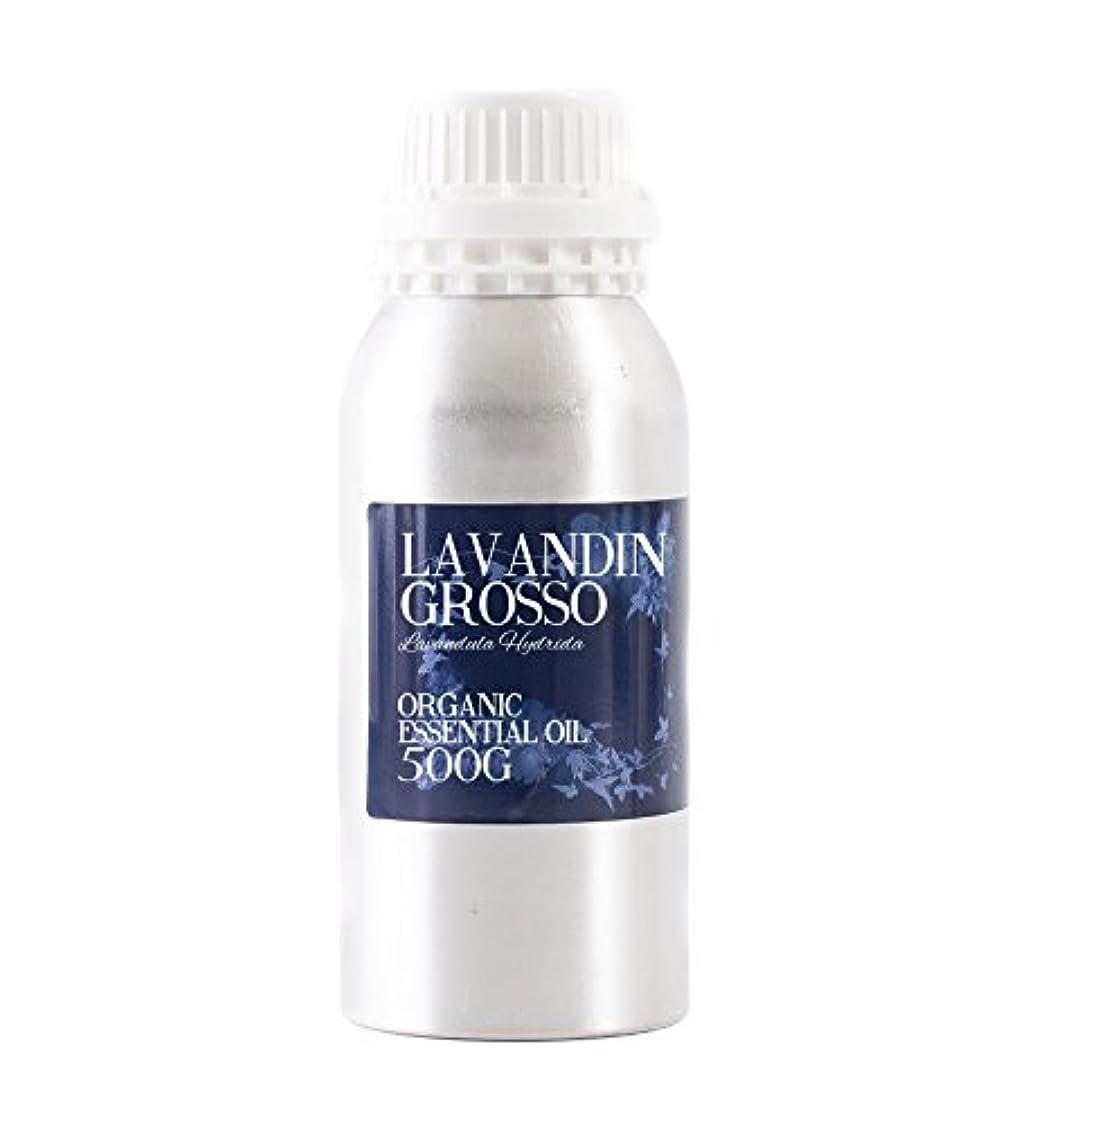 かもしれないエッセイ九時四十五分Mystic Moments | Lavandin Grosso Organic Essential Oil - 500g - 100% Pure